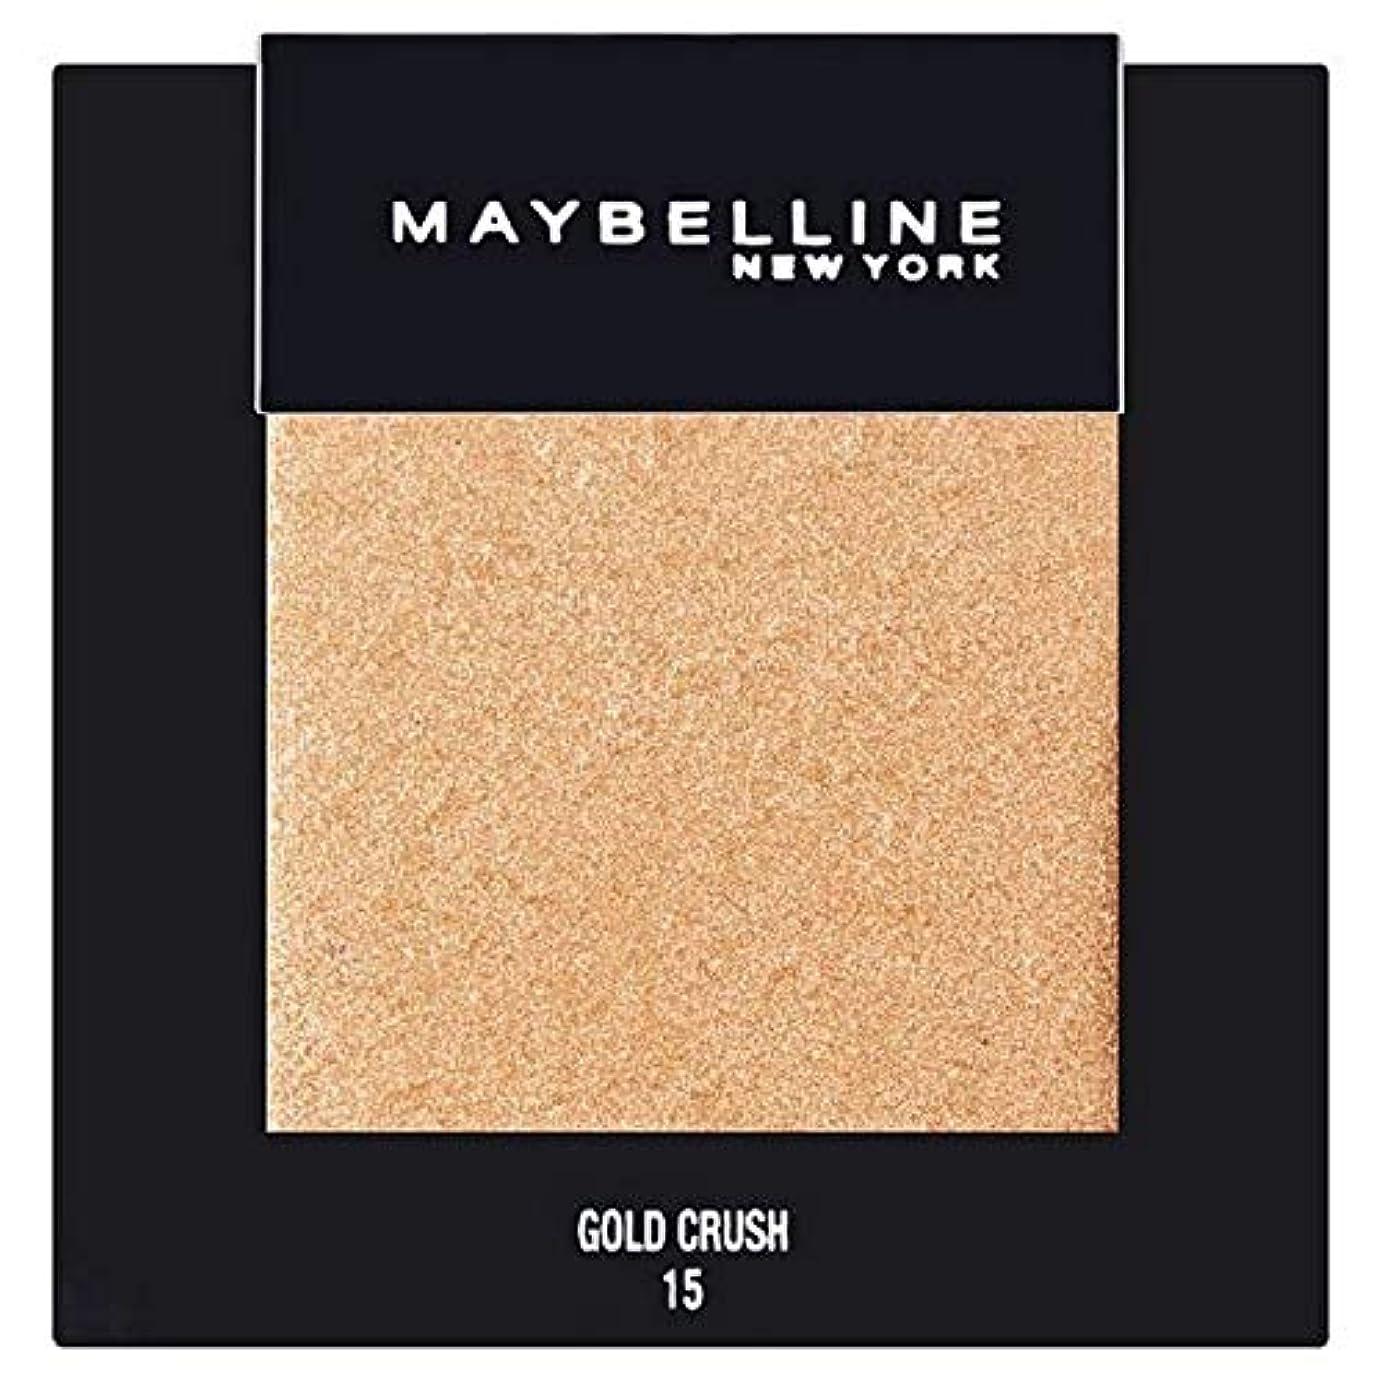 賞賛する楽しいバイアス[Maybelline ] メイベリンカラーショーシングルアイシャドウ15金クラッシュ - Maybelline Color Show Single Eyeshadow 15 Gold Crush [並行輸入品]